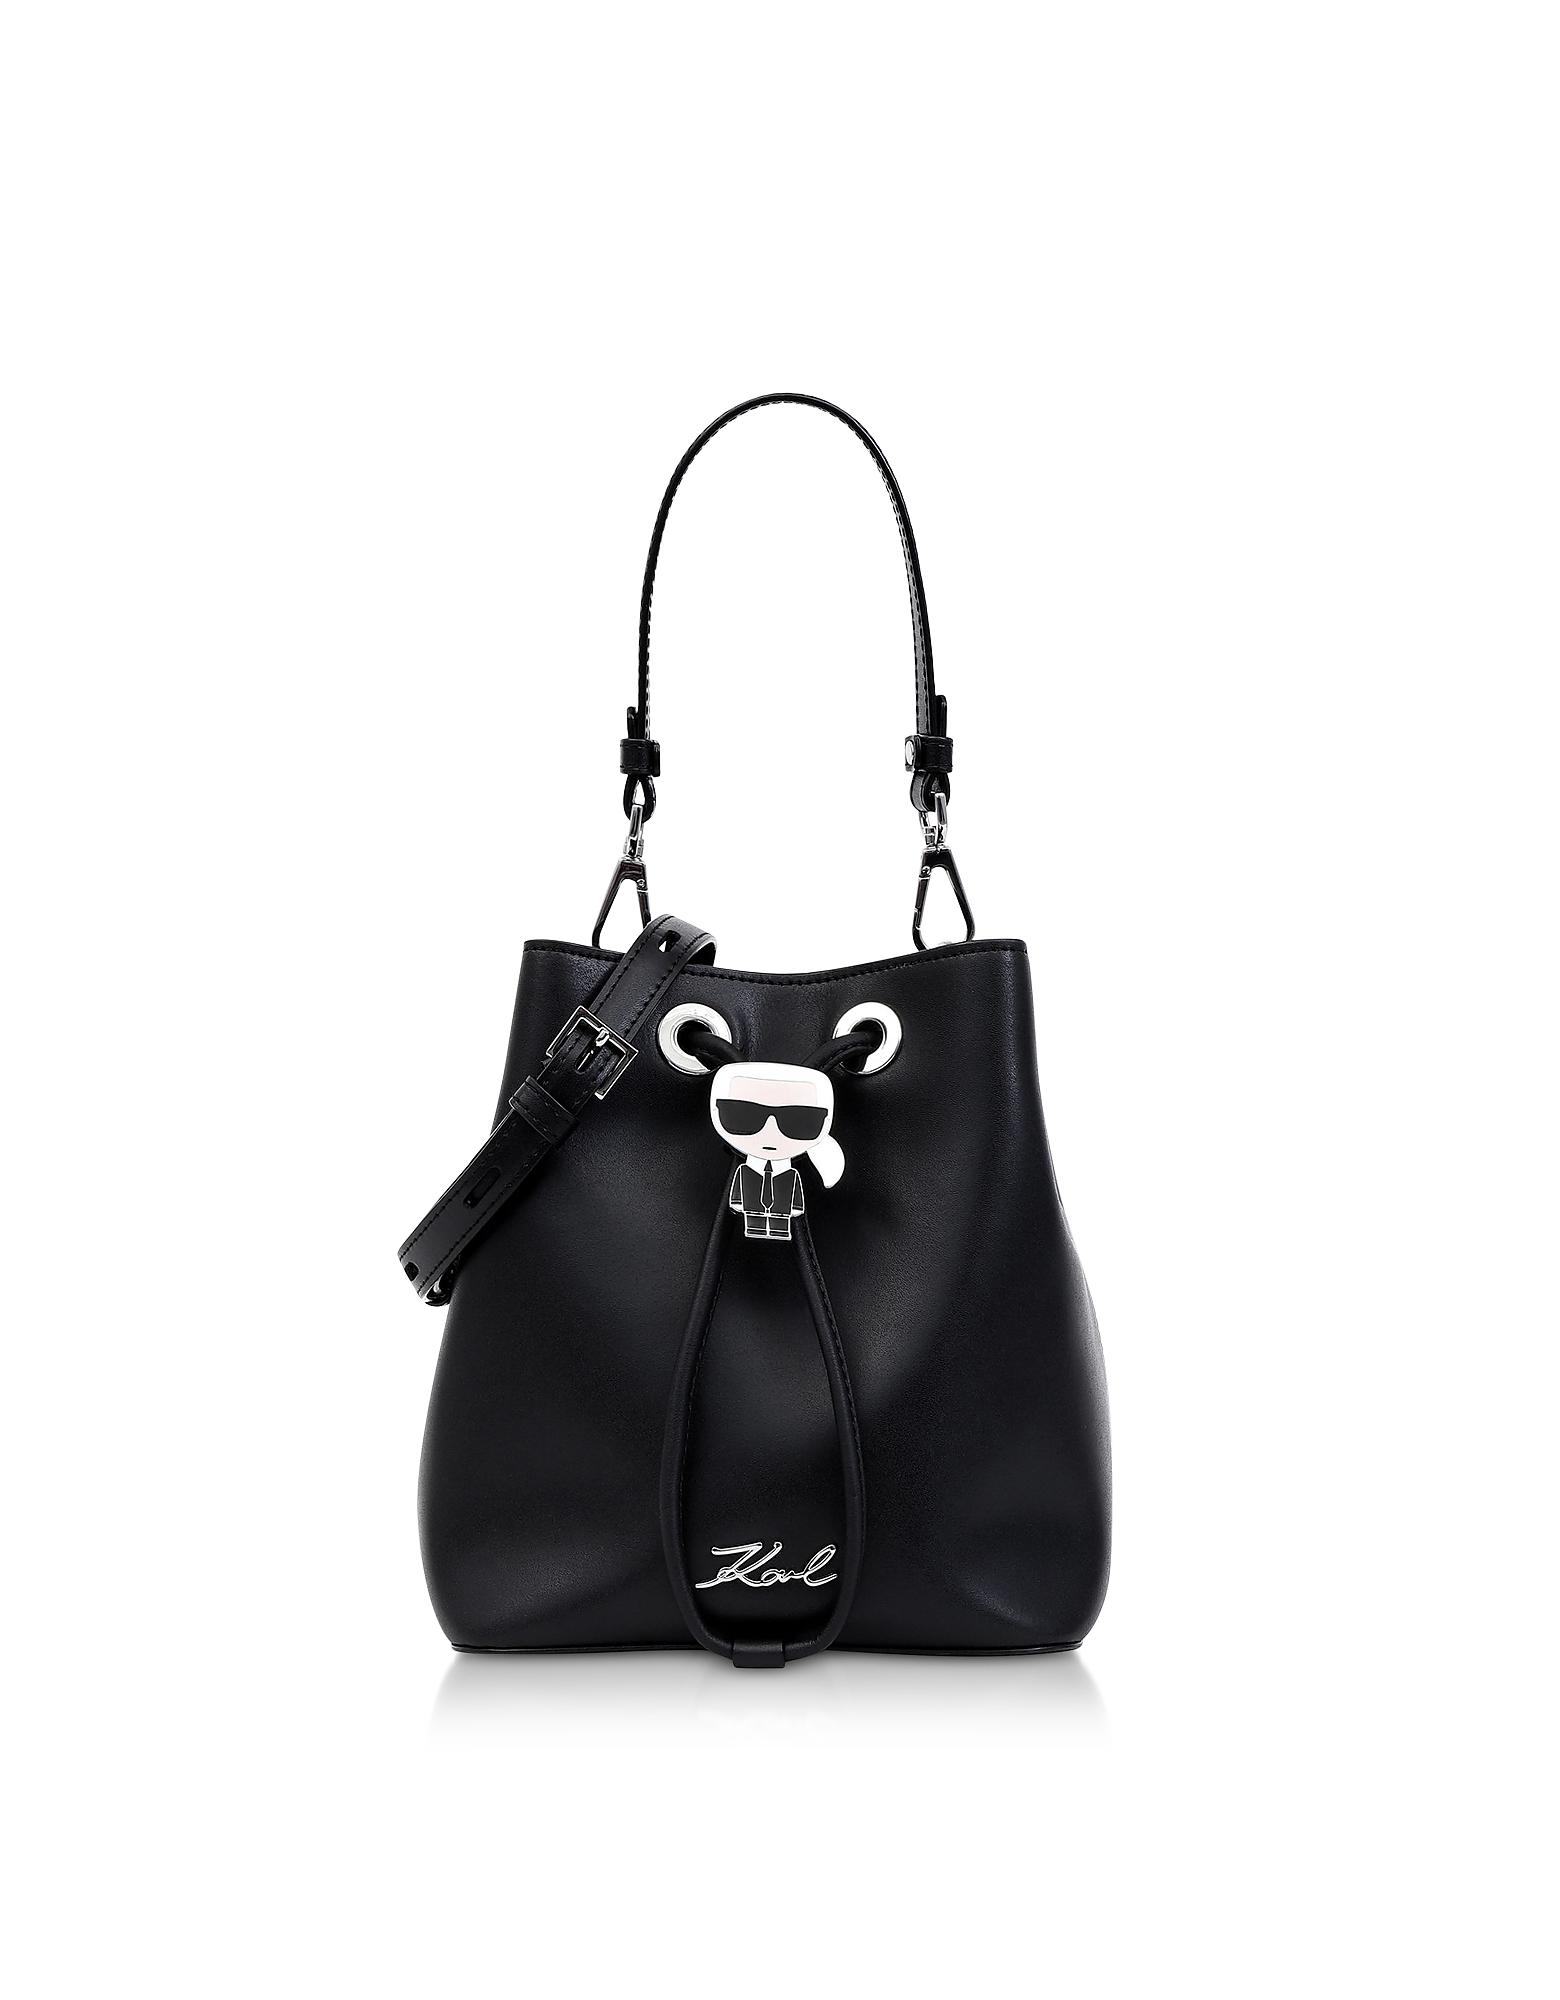 K/Ikonik Bucket Bag